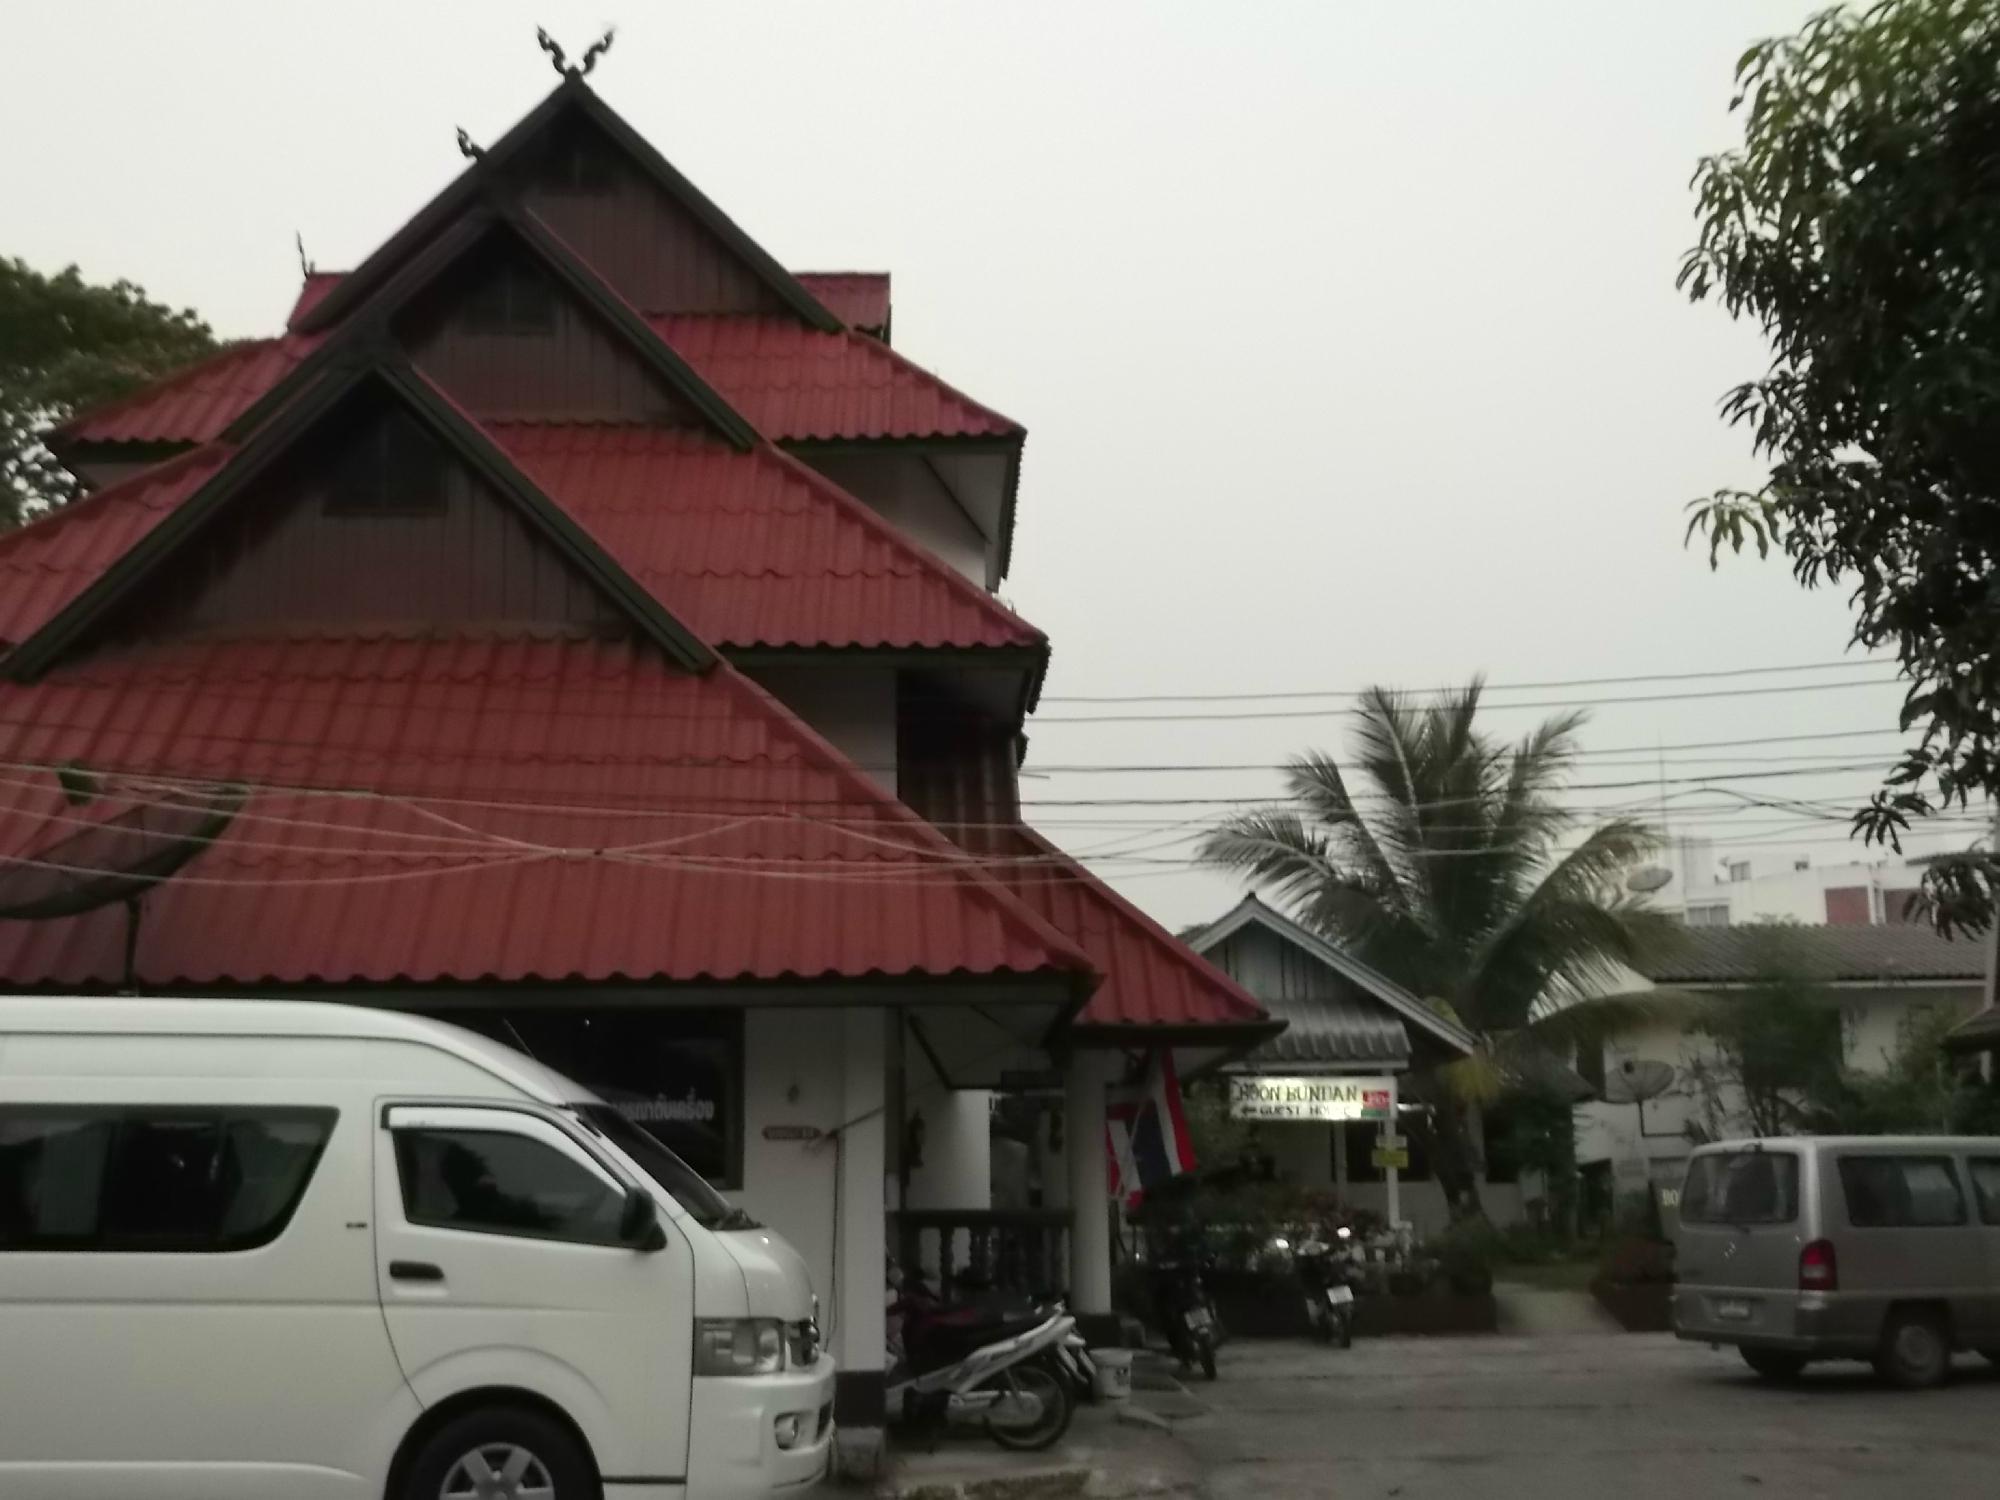 Boonbundan Guesthouse